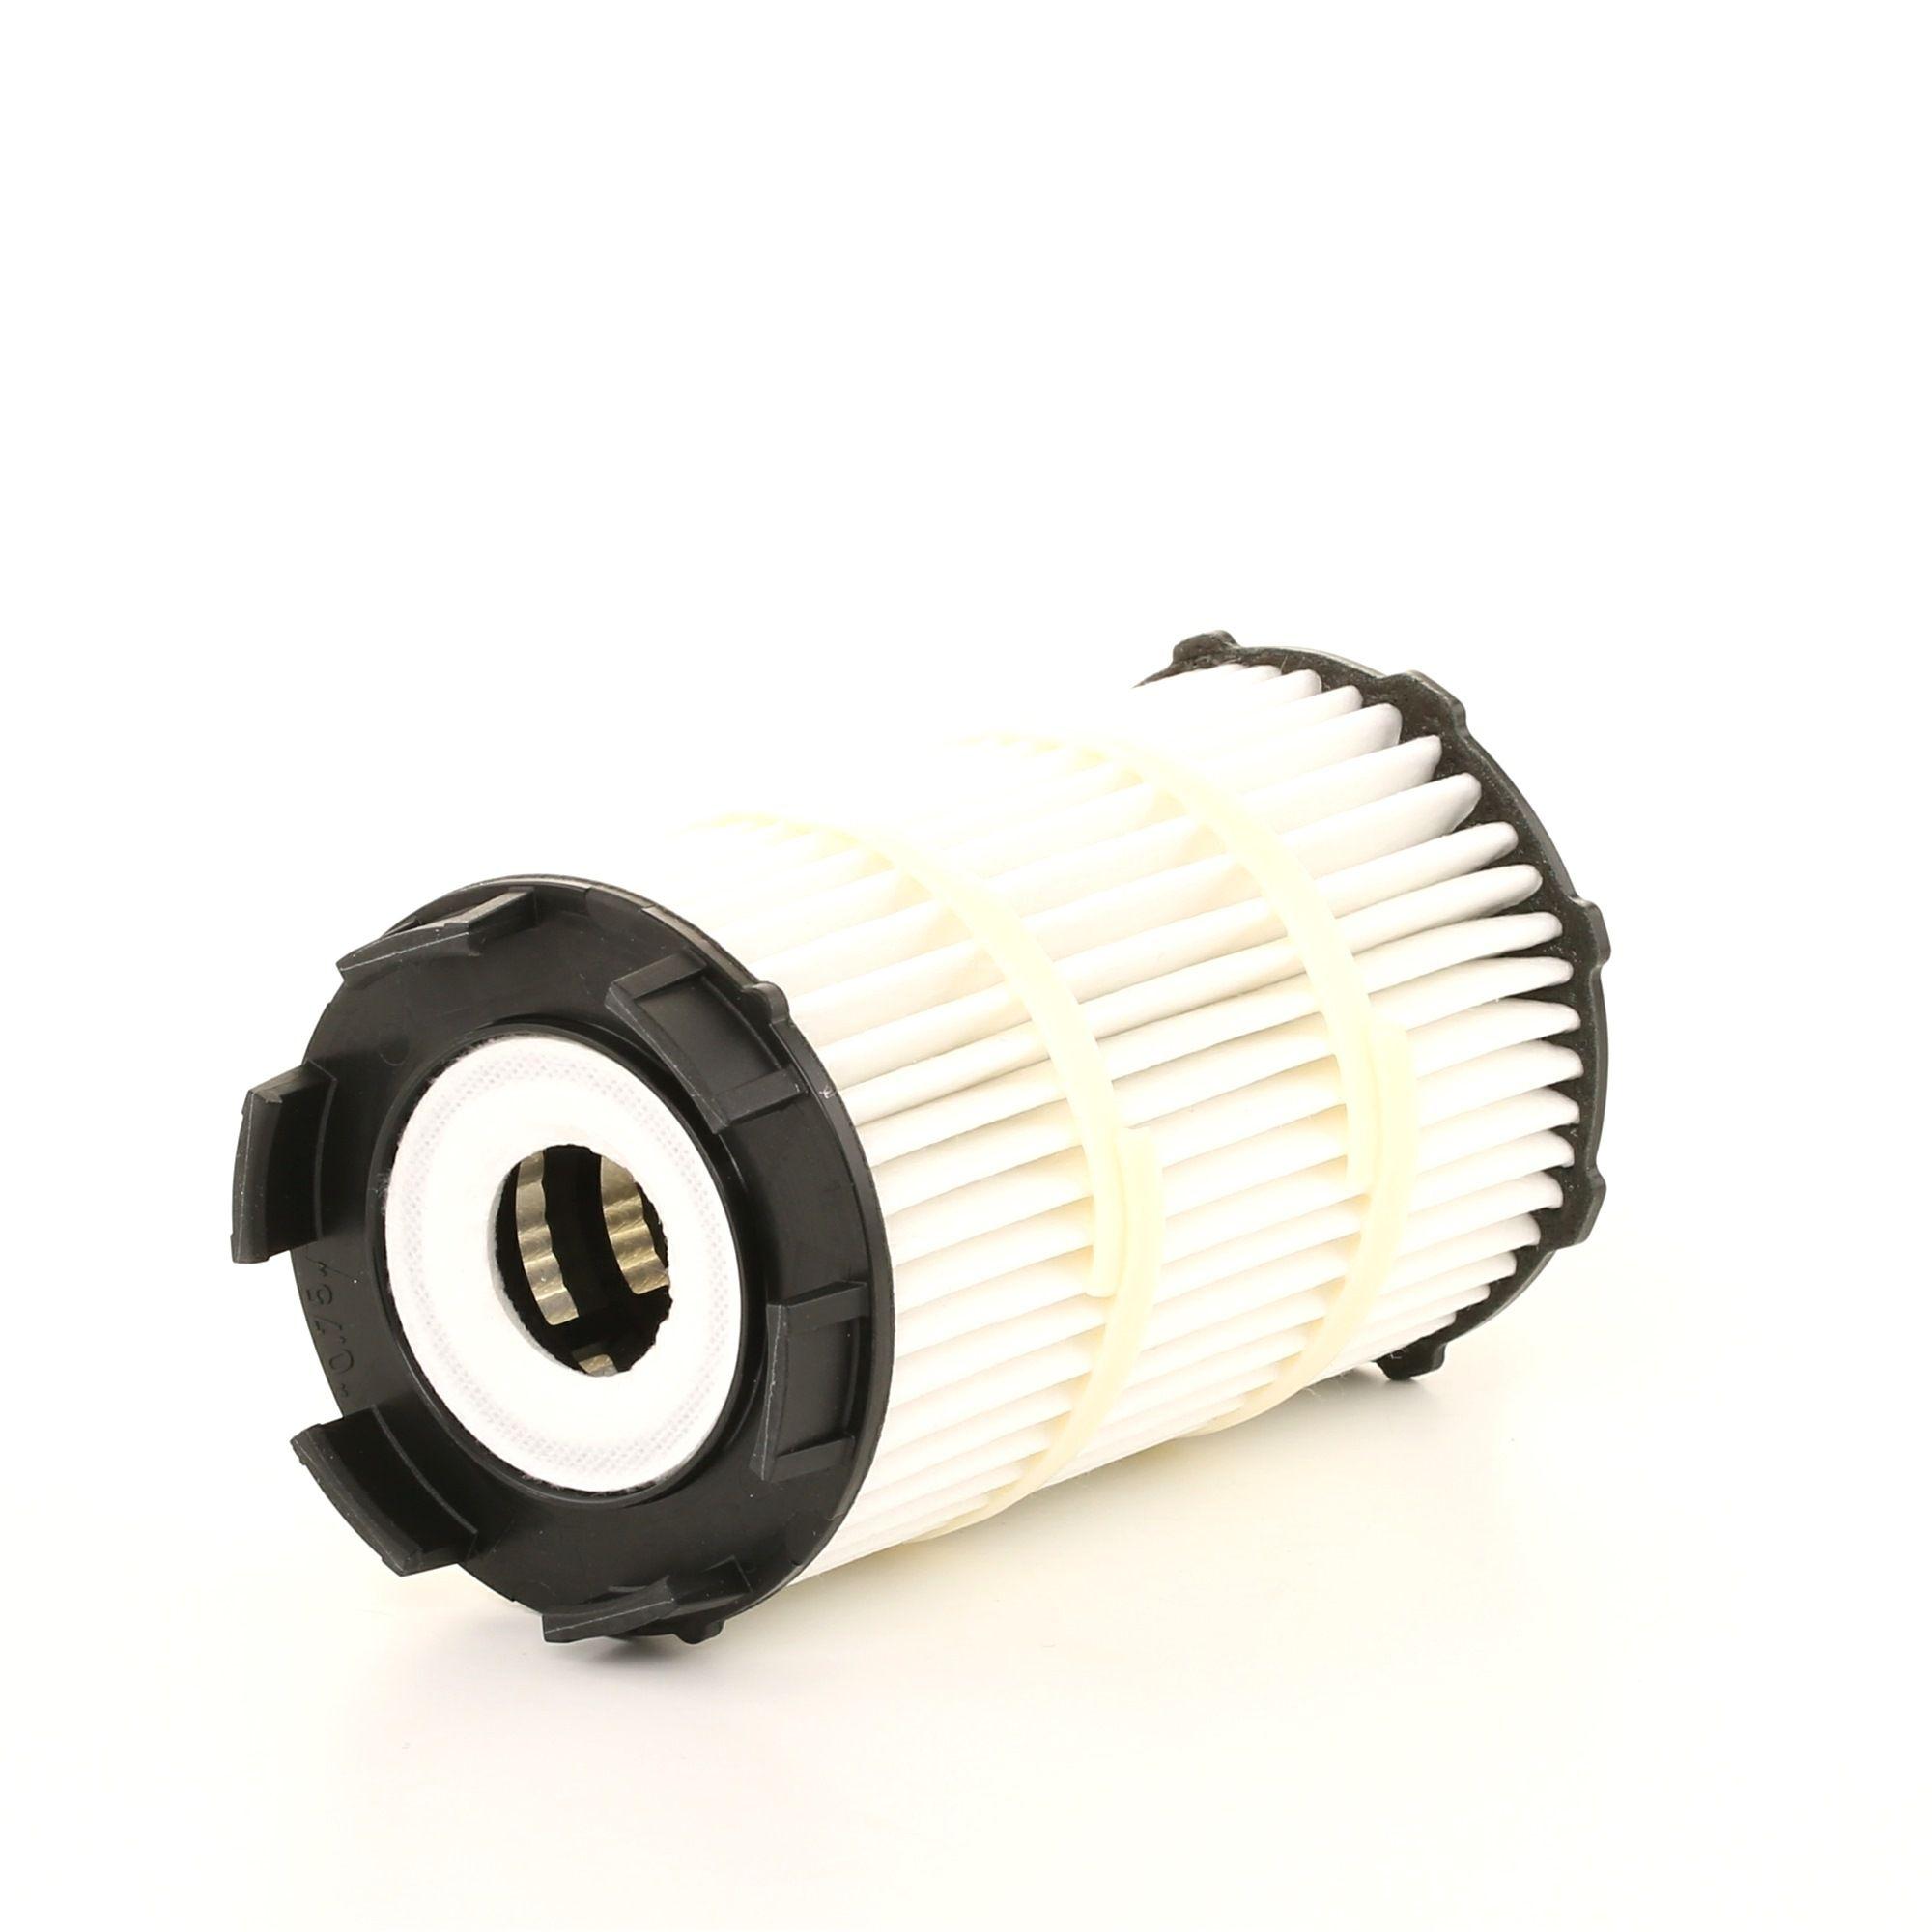 Achetez Filtre MAHLE ORIGINAL OX 350/4D (Diamètre intérieur 2: 26mm, Ø: 68,5mm, Ø: 68,5mm, Hauteur: 129mm, Hauteur 1: 110mm) à un rapport qualité-prix exceptionnel